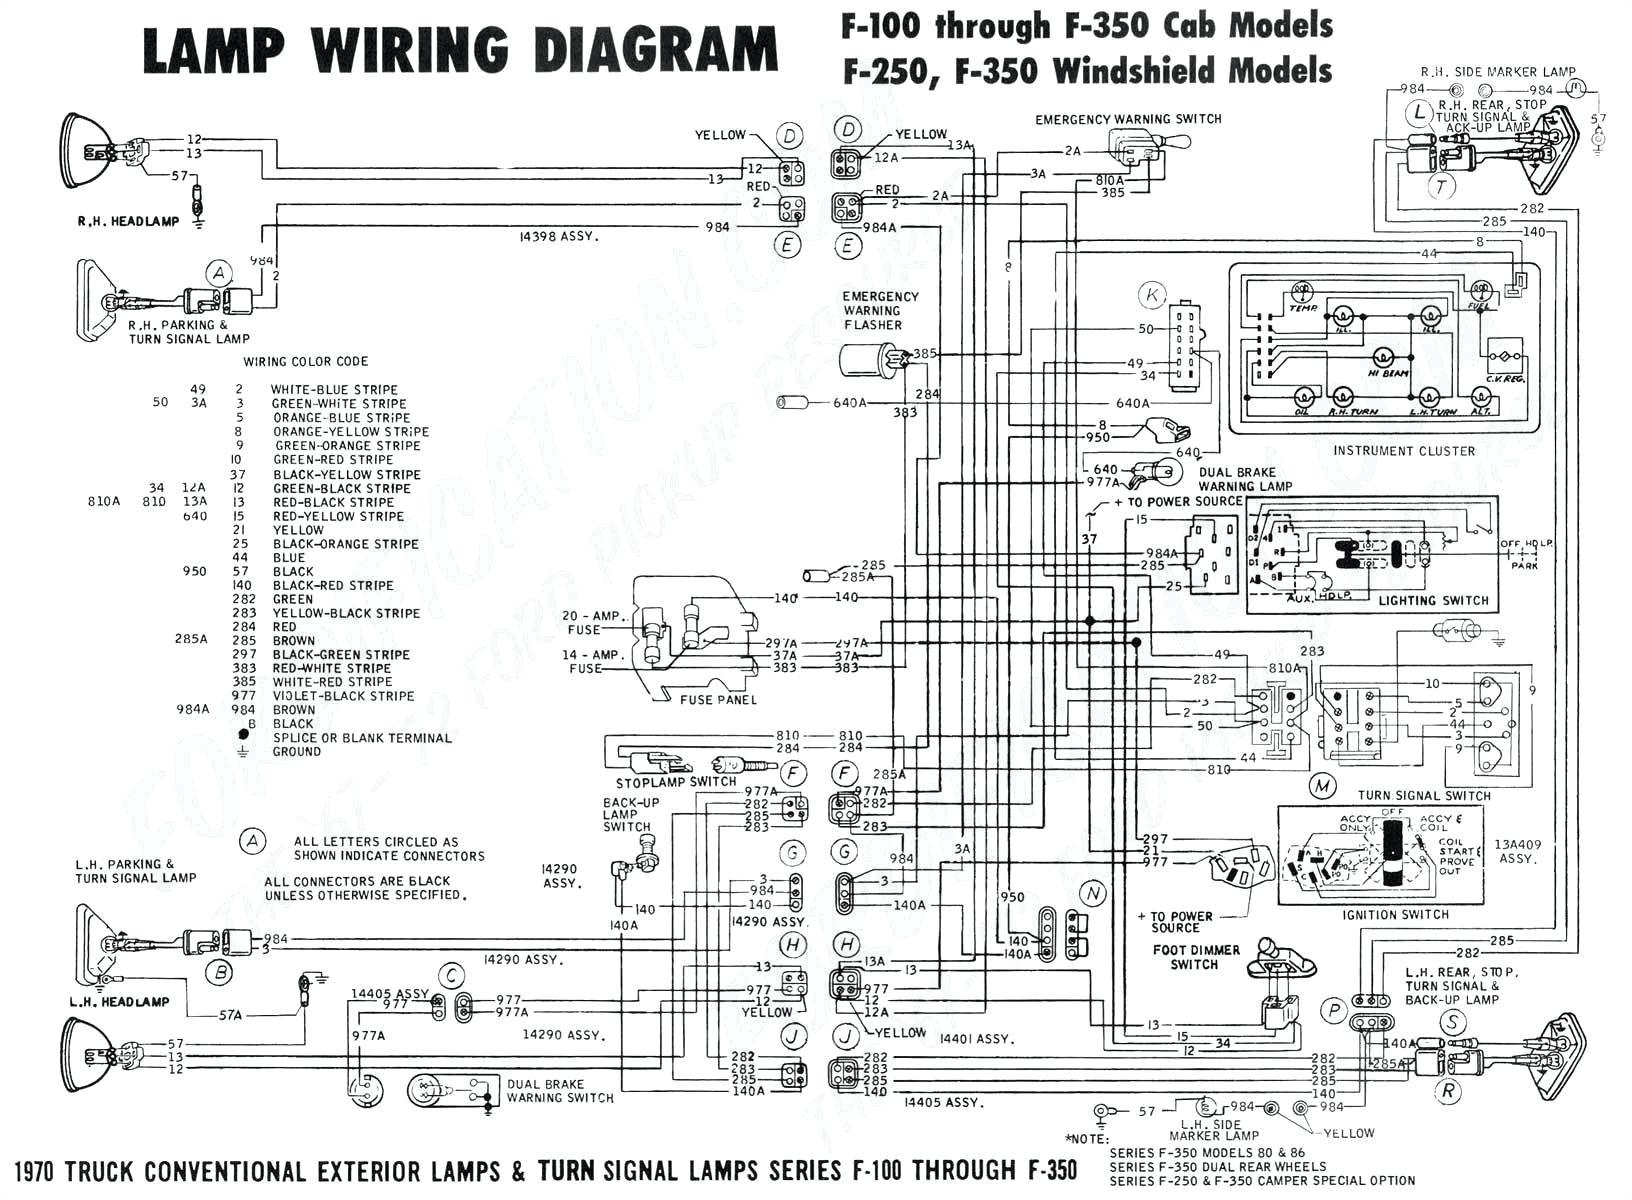 diagram wiring ddc7015 wiring diagrams for diagram wiring ddc7015